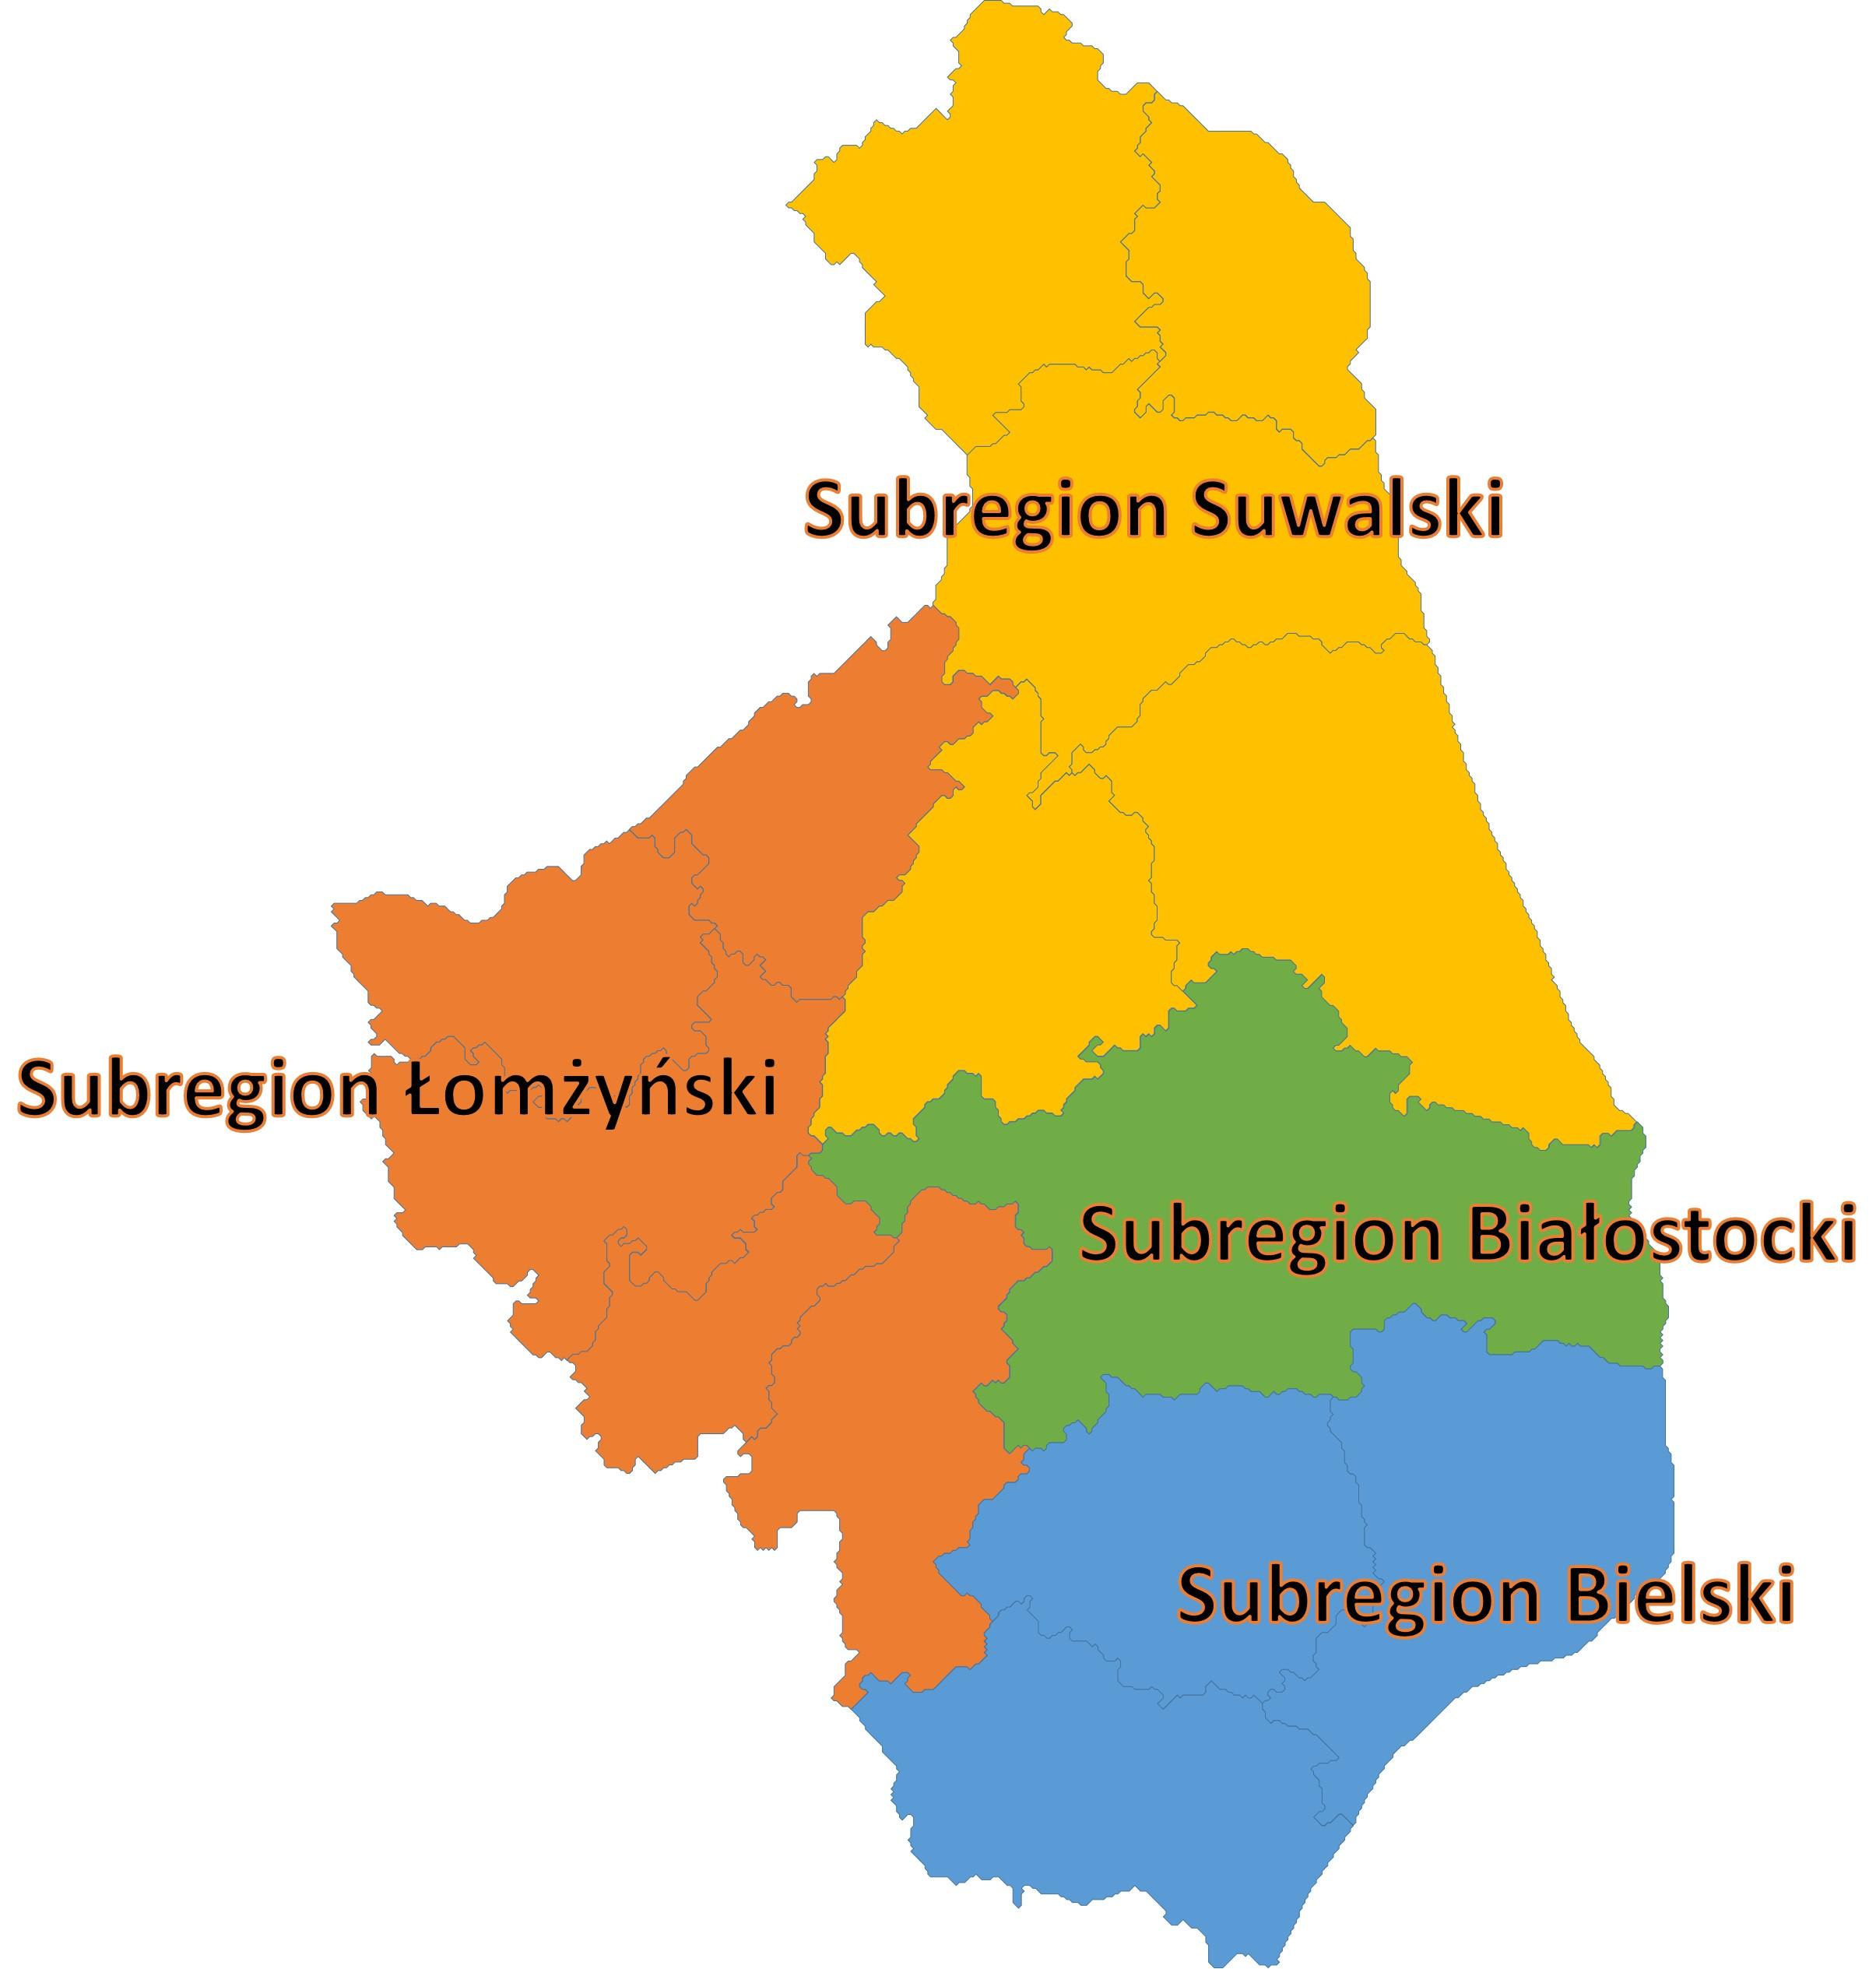 Subregionyj Ekonomii Społecznej 2017